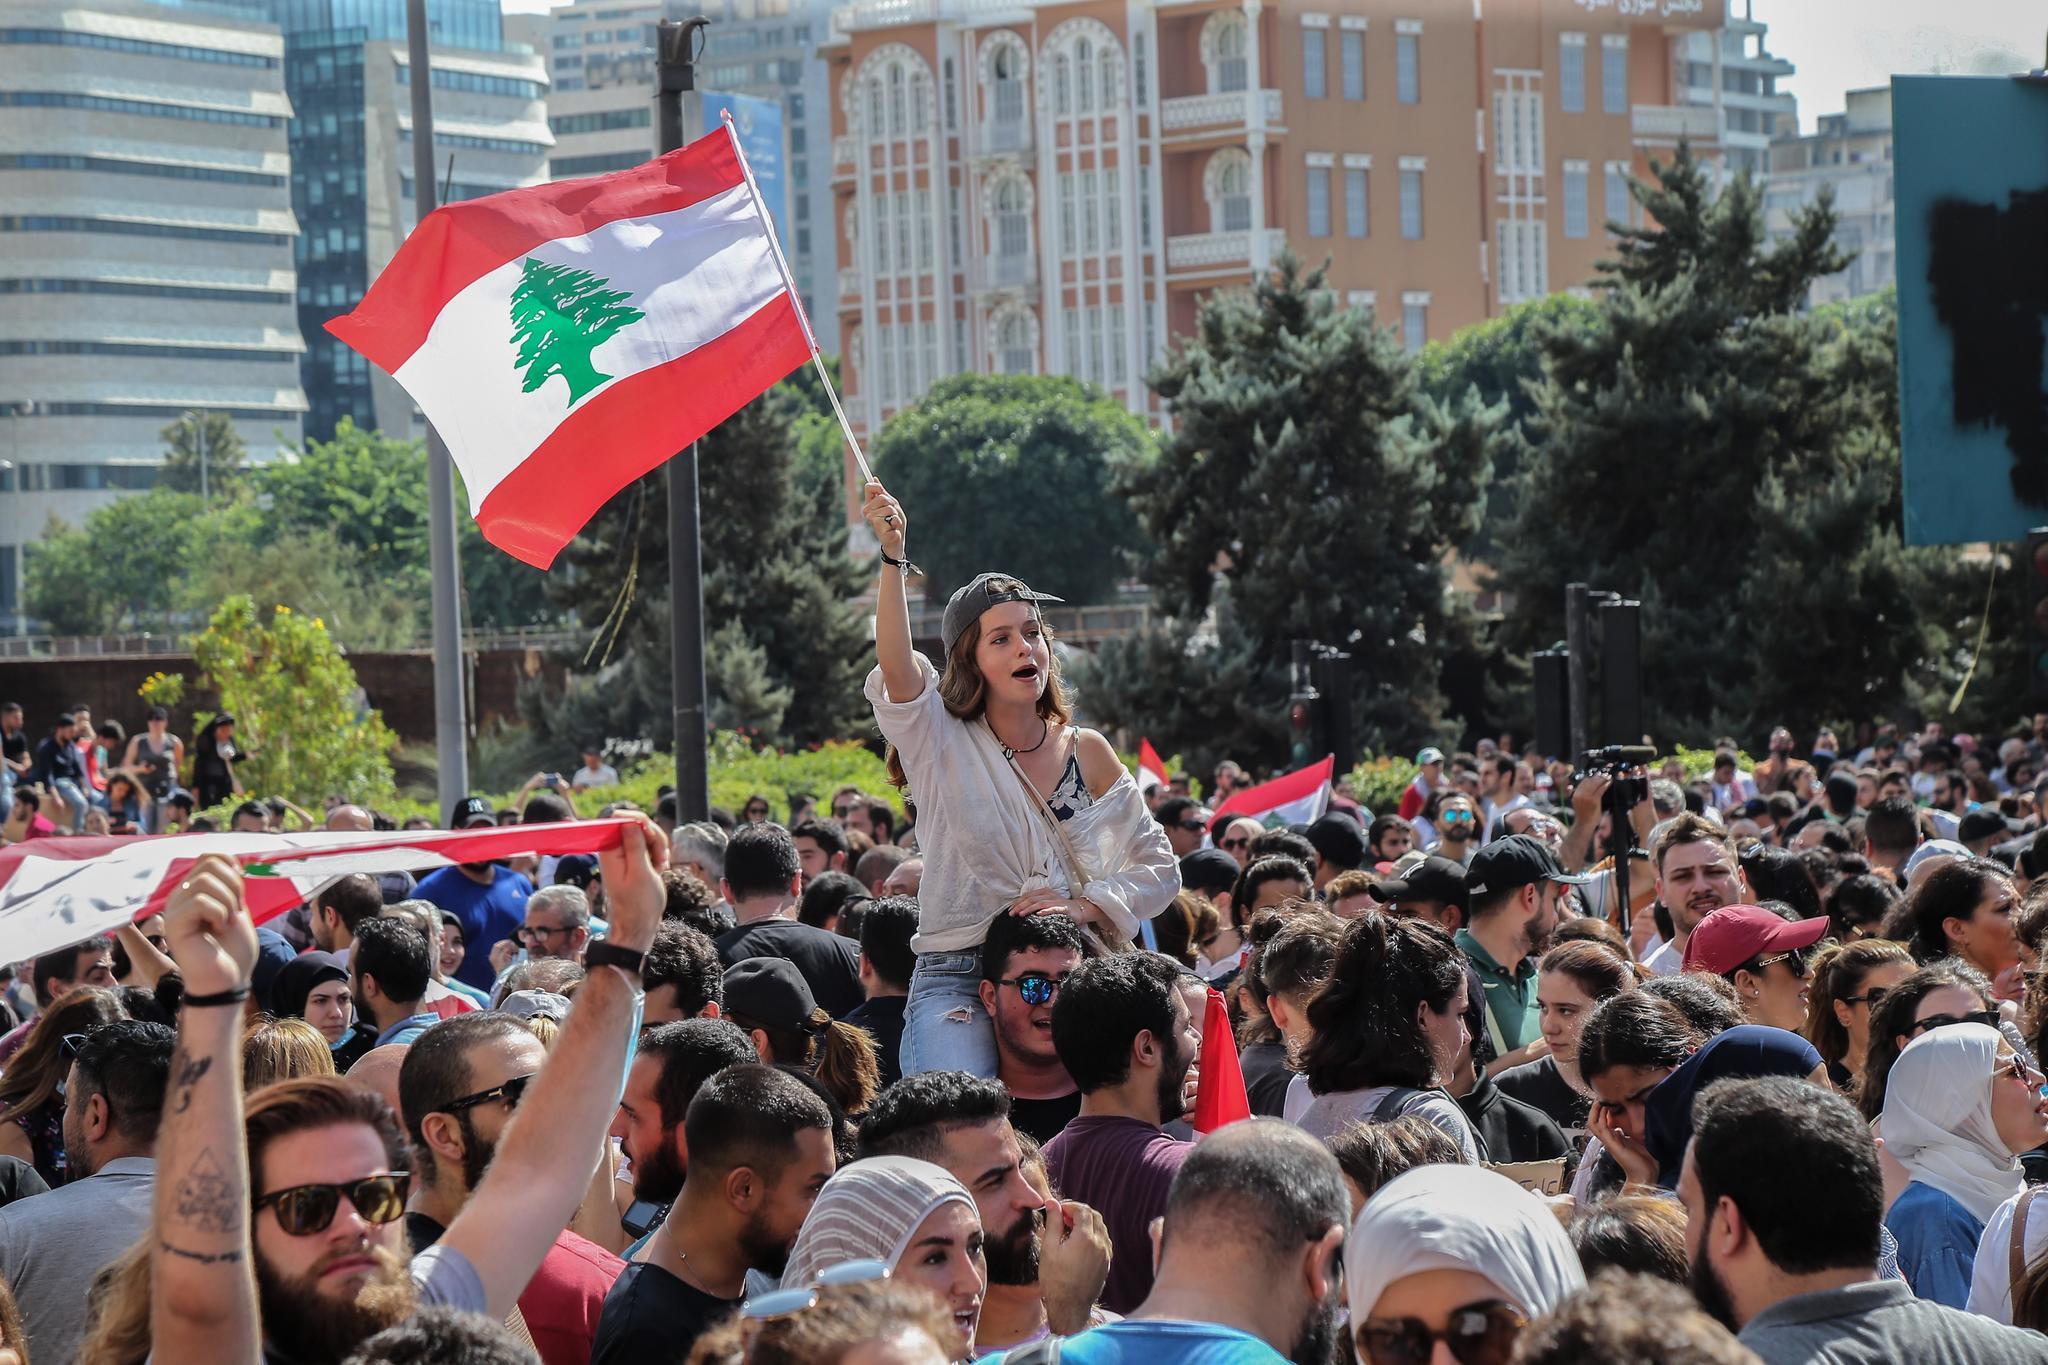 Líbano busca un nuevo gobierno en medio de protestas | Noticias | Mundo | EL FRENTE